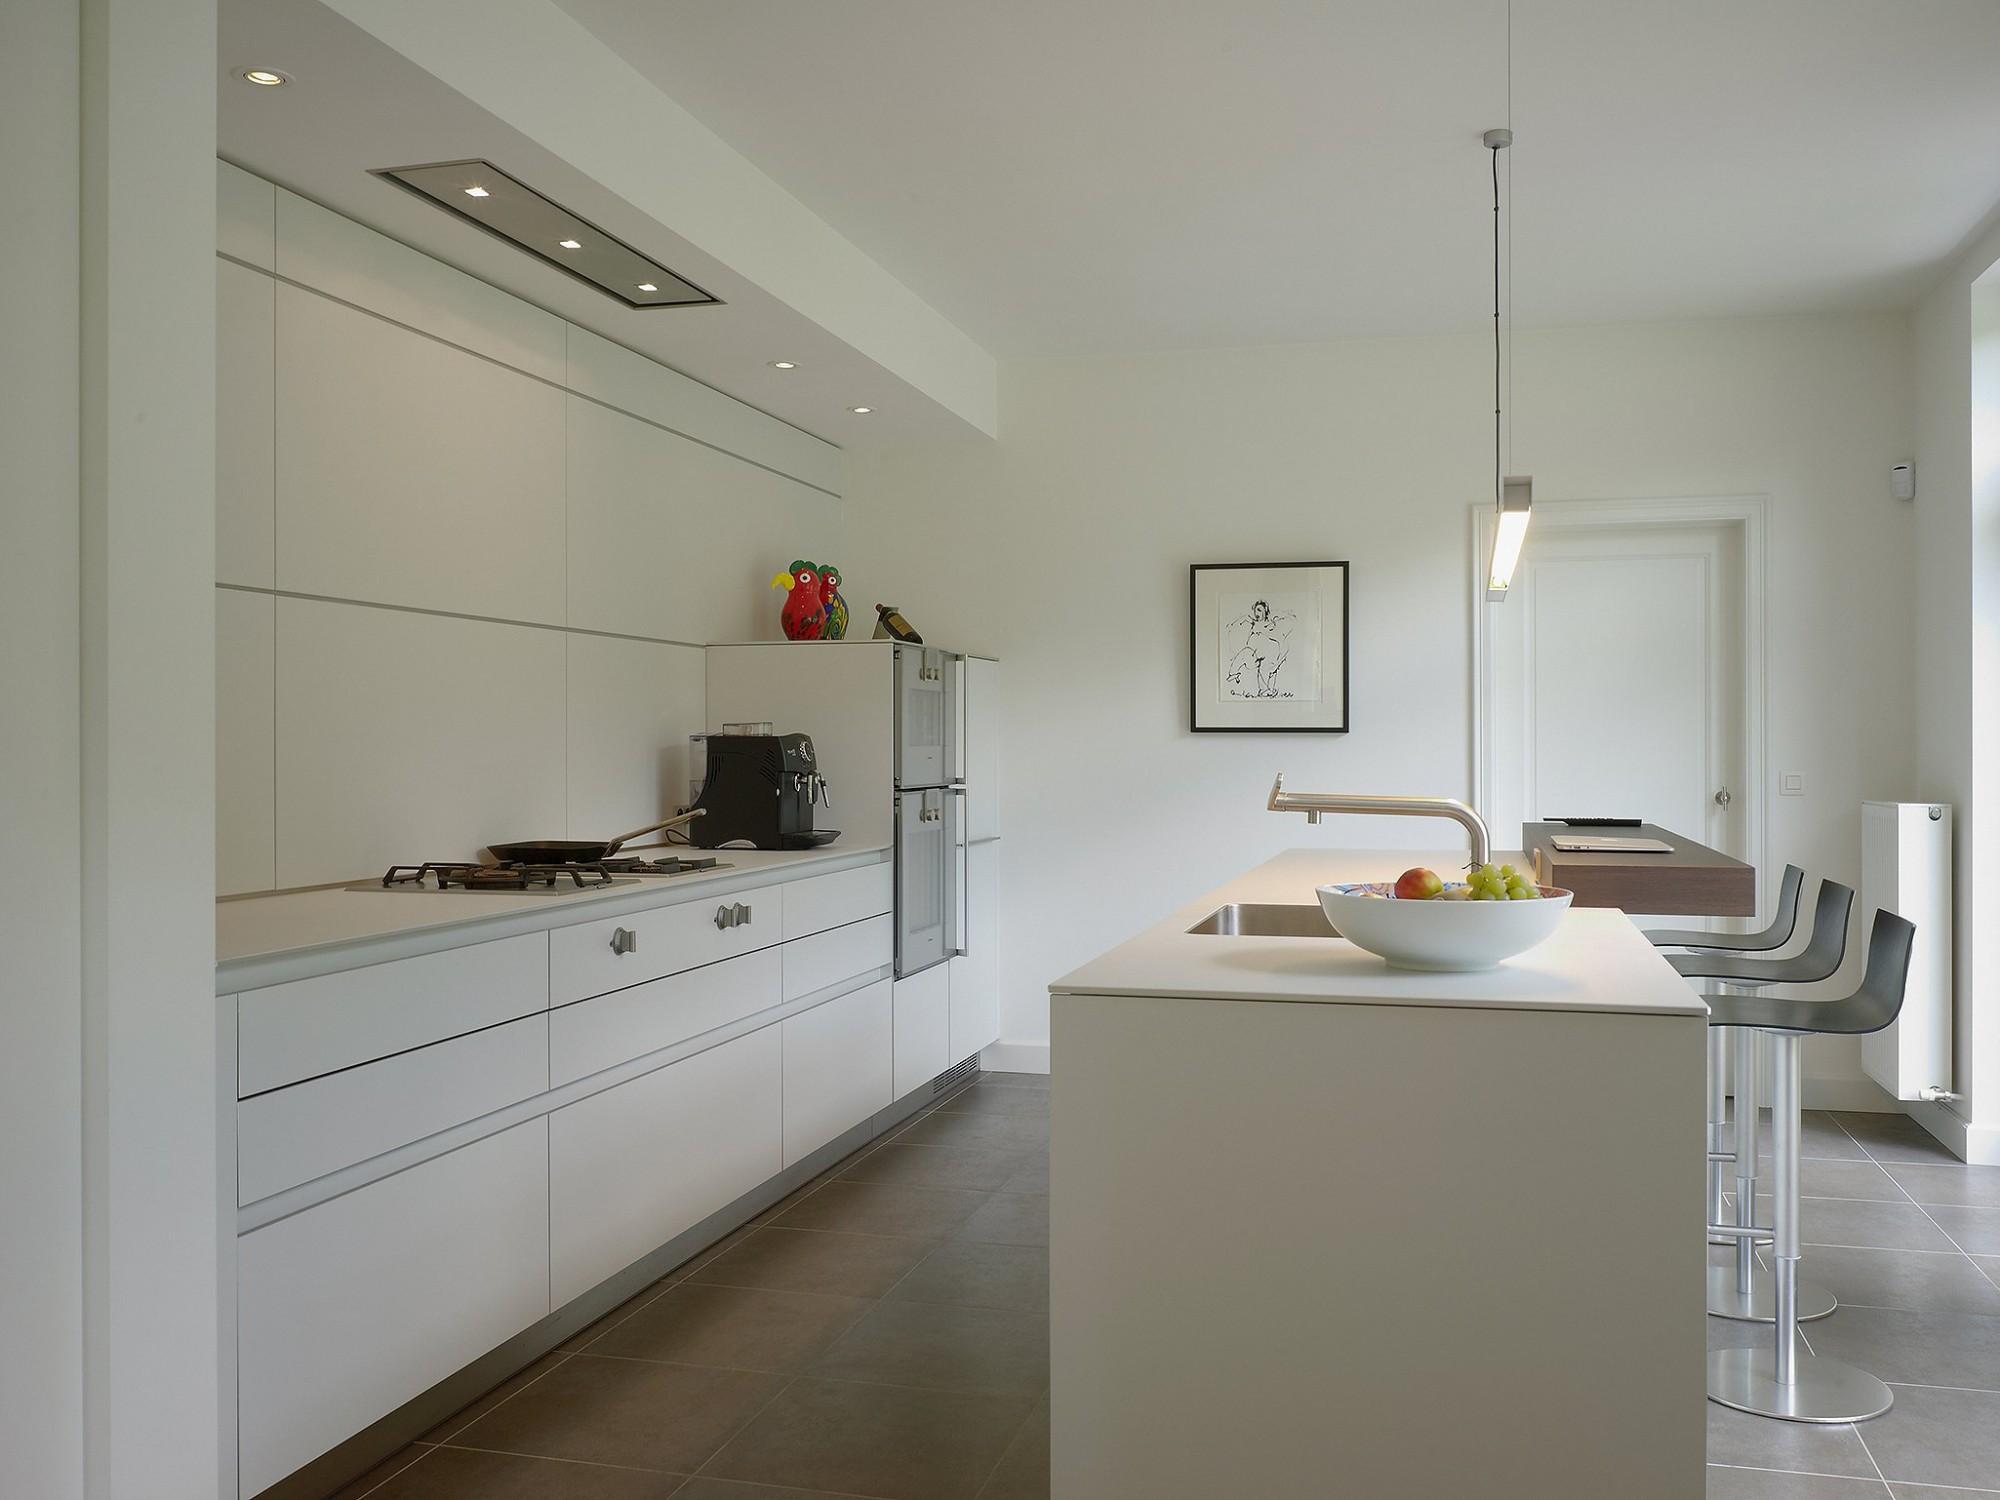 Afbeelding: Fotografie keuken modern te Brasschaat voor RDK.